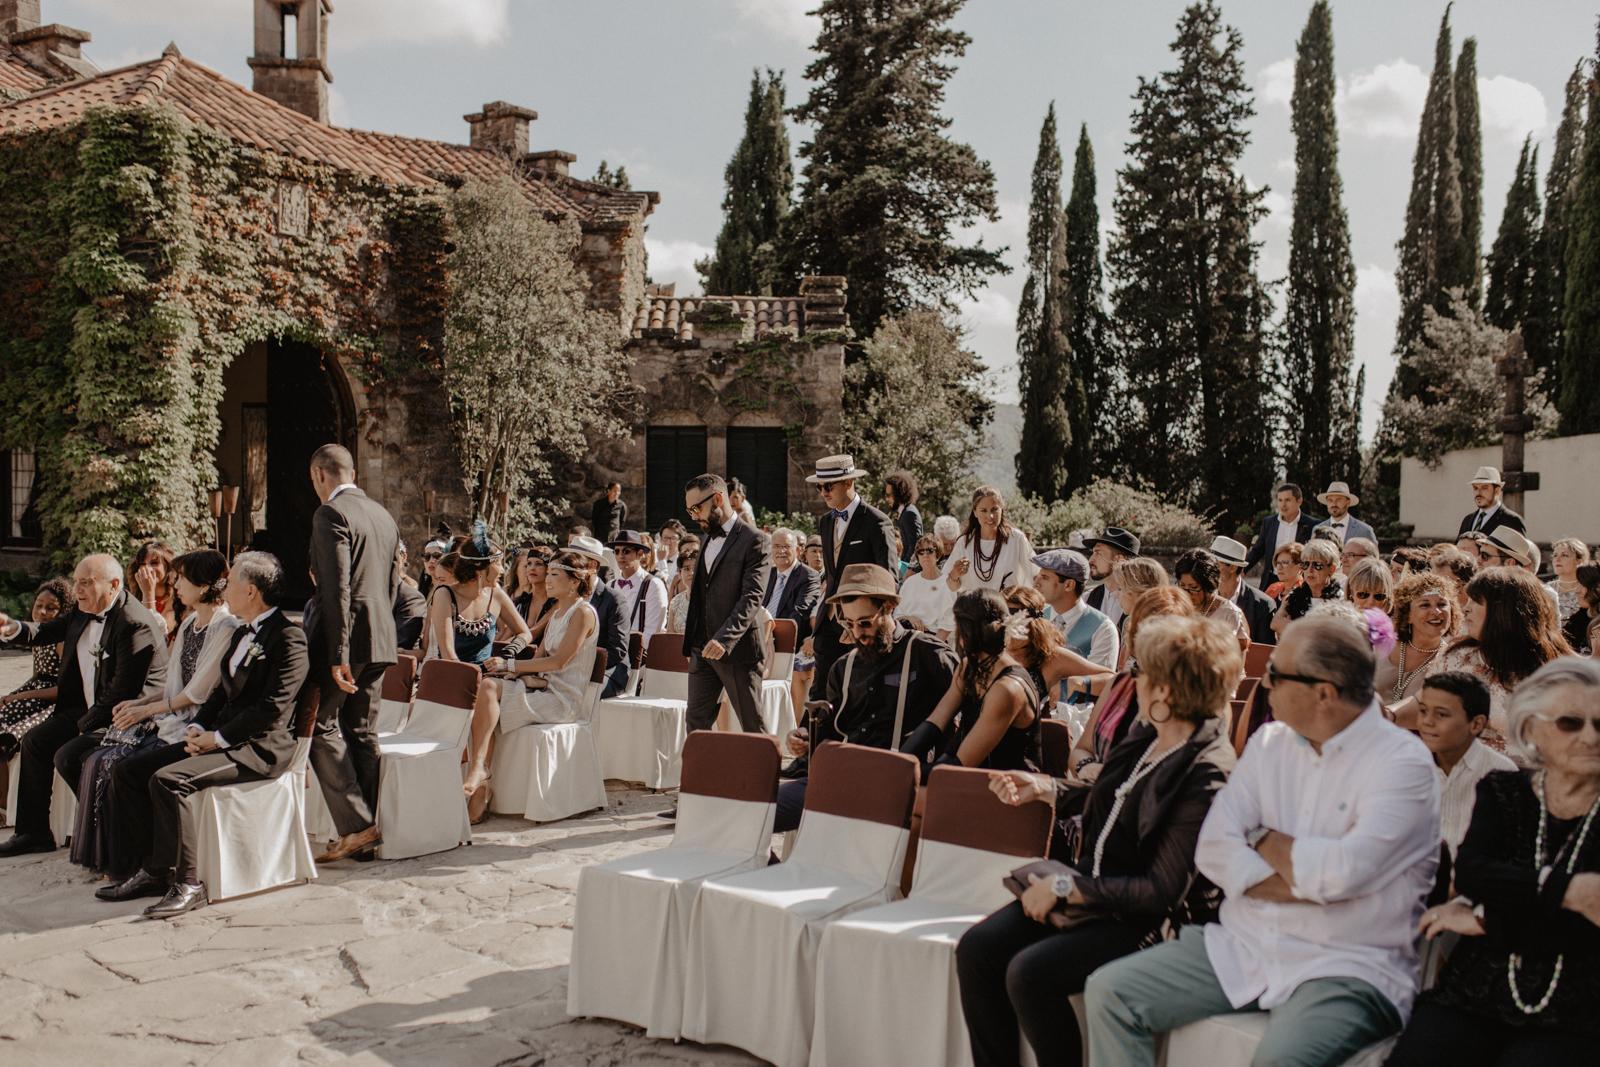 thenortherngirlphotography_photography_thenortherngirl_rebeccascabros_wedding_weddingphotography_weddingphotographer_barcelona_bodaenlabaronia_labaronia_japanesewedding_destinationwedding_shokoalbert-335.jpg